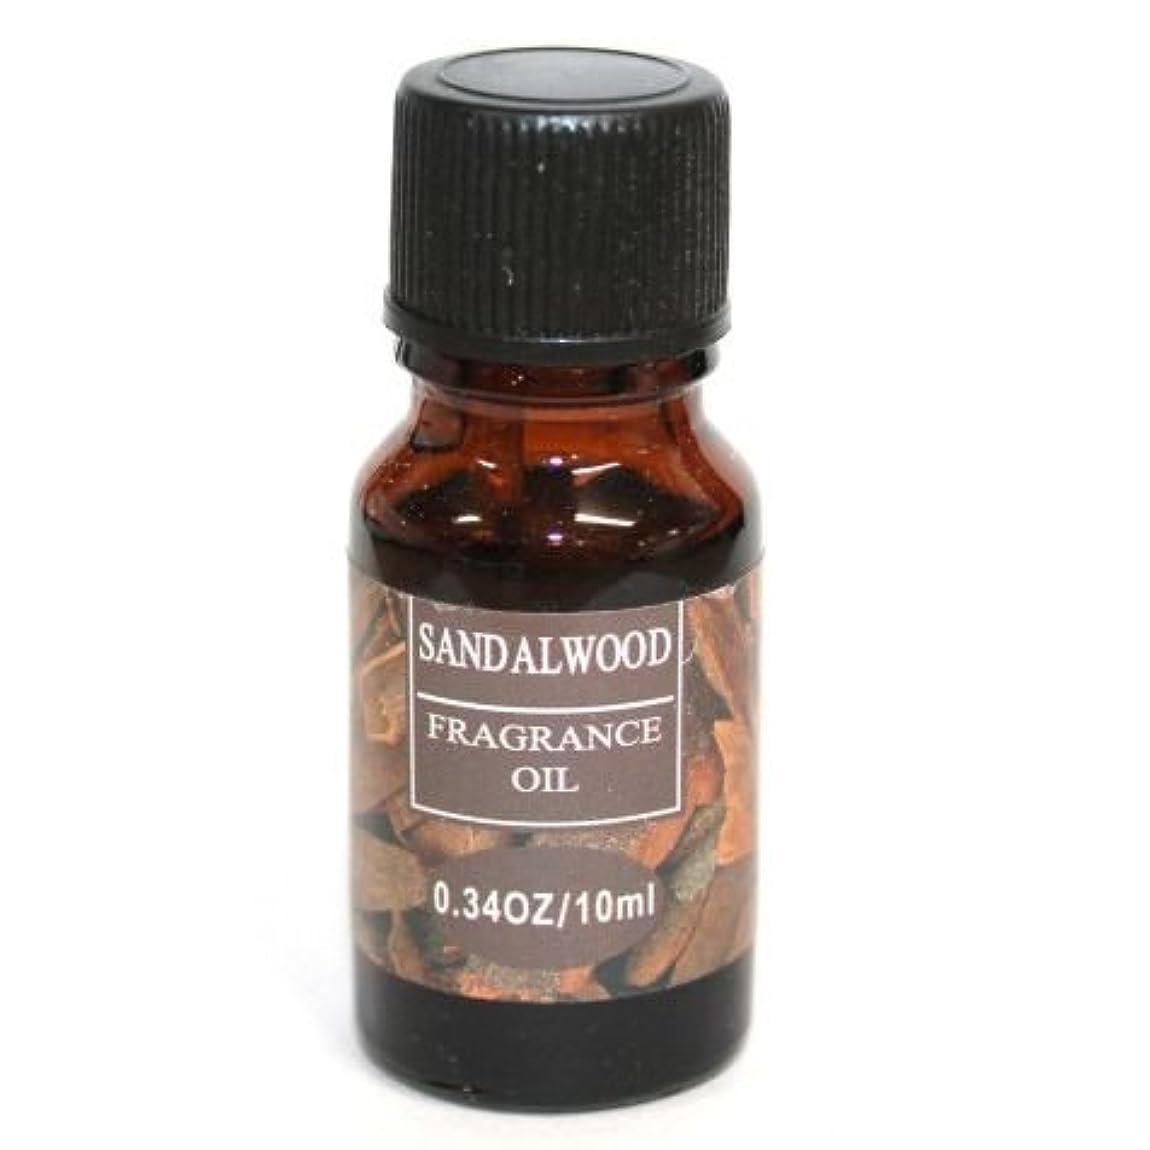 ビート弱いご意見RELAXING アロマオイル フレグランスオイル サンダルウッドの香り ビャクダン (白檀) RQ-03